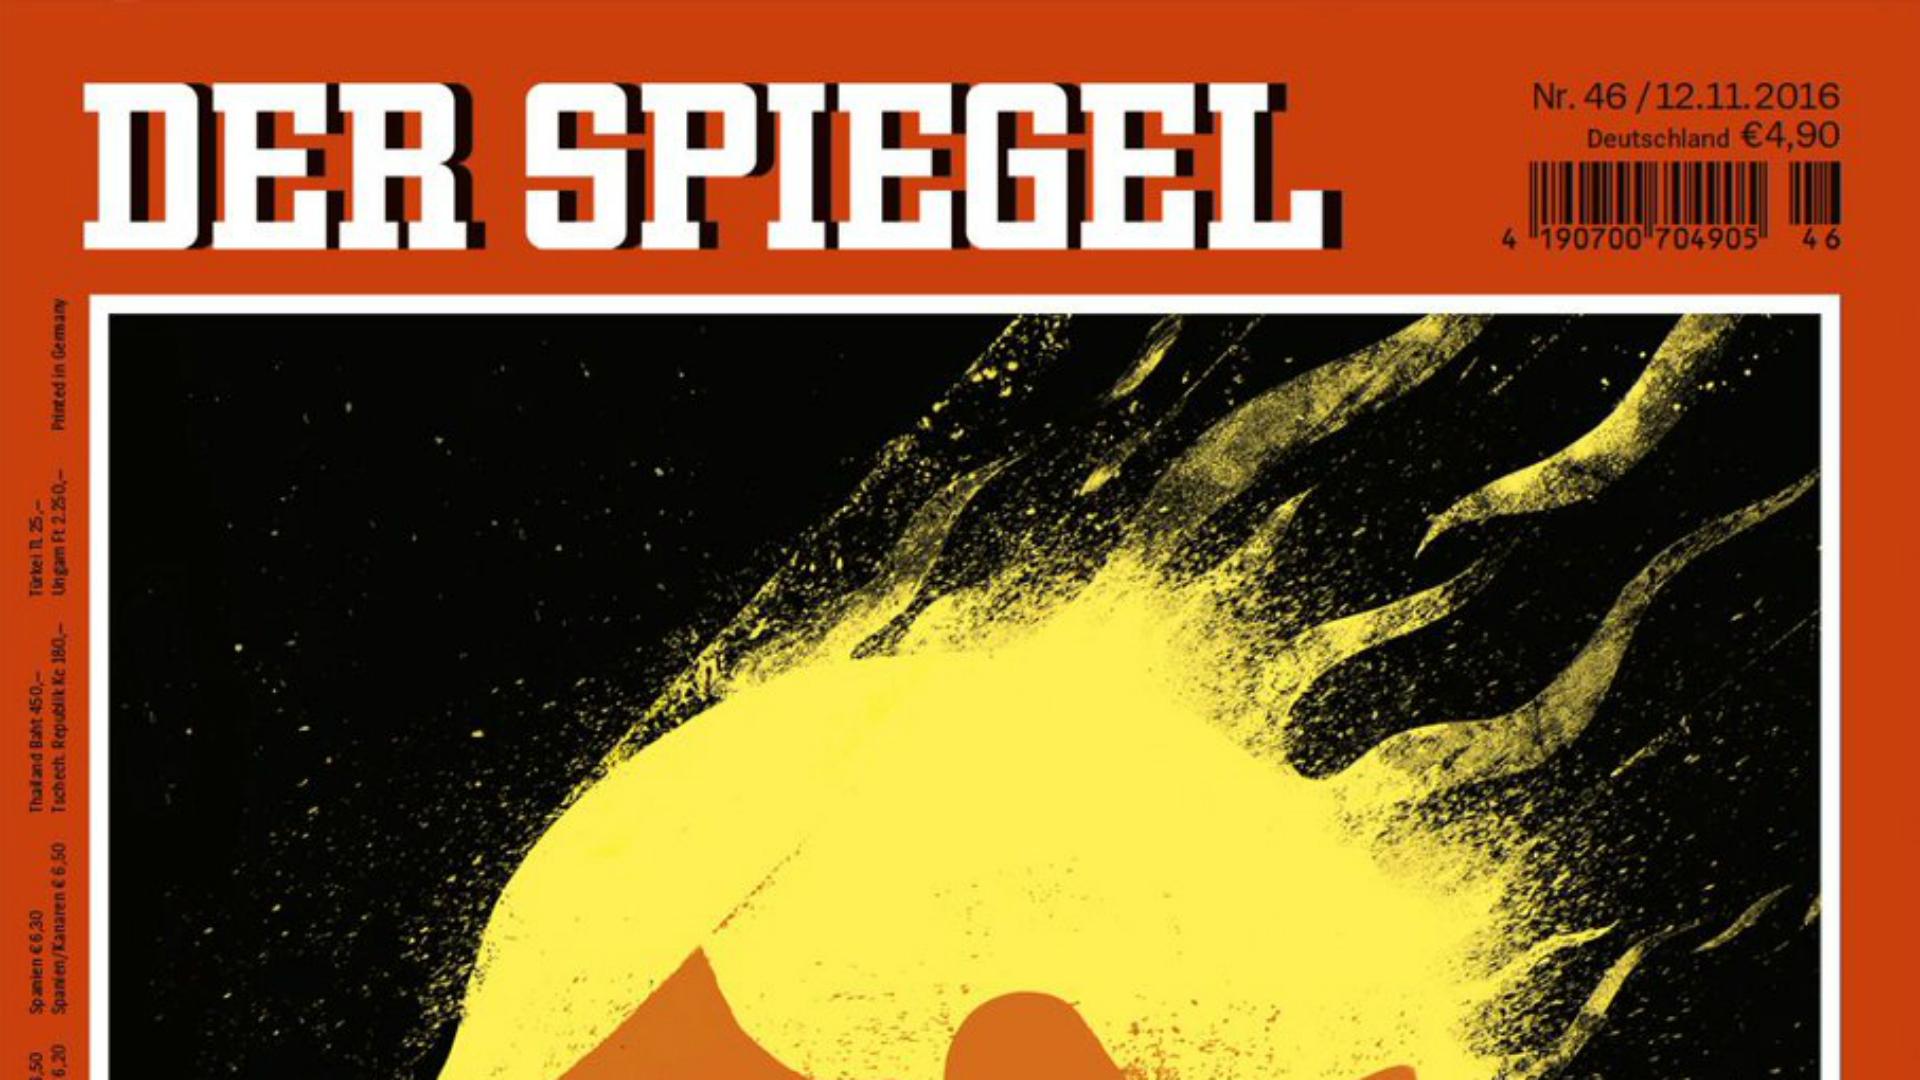 Der Spiegel es una prestigiosa revista de investigación fundada en 1947